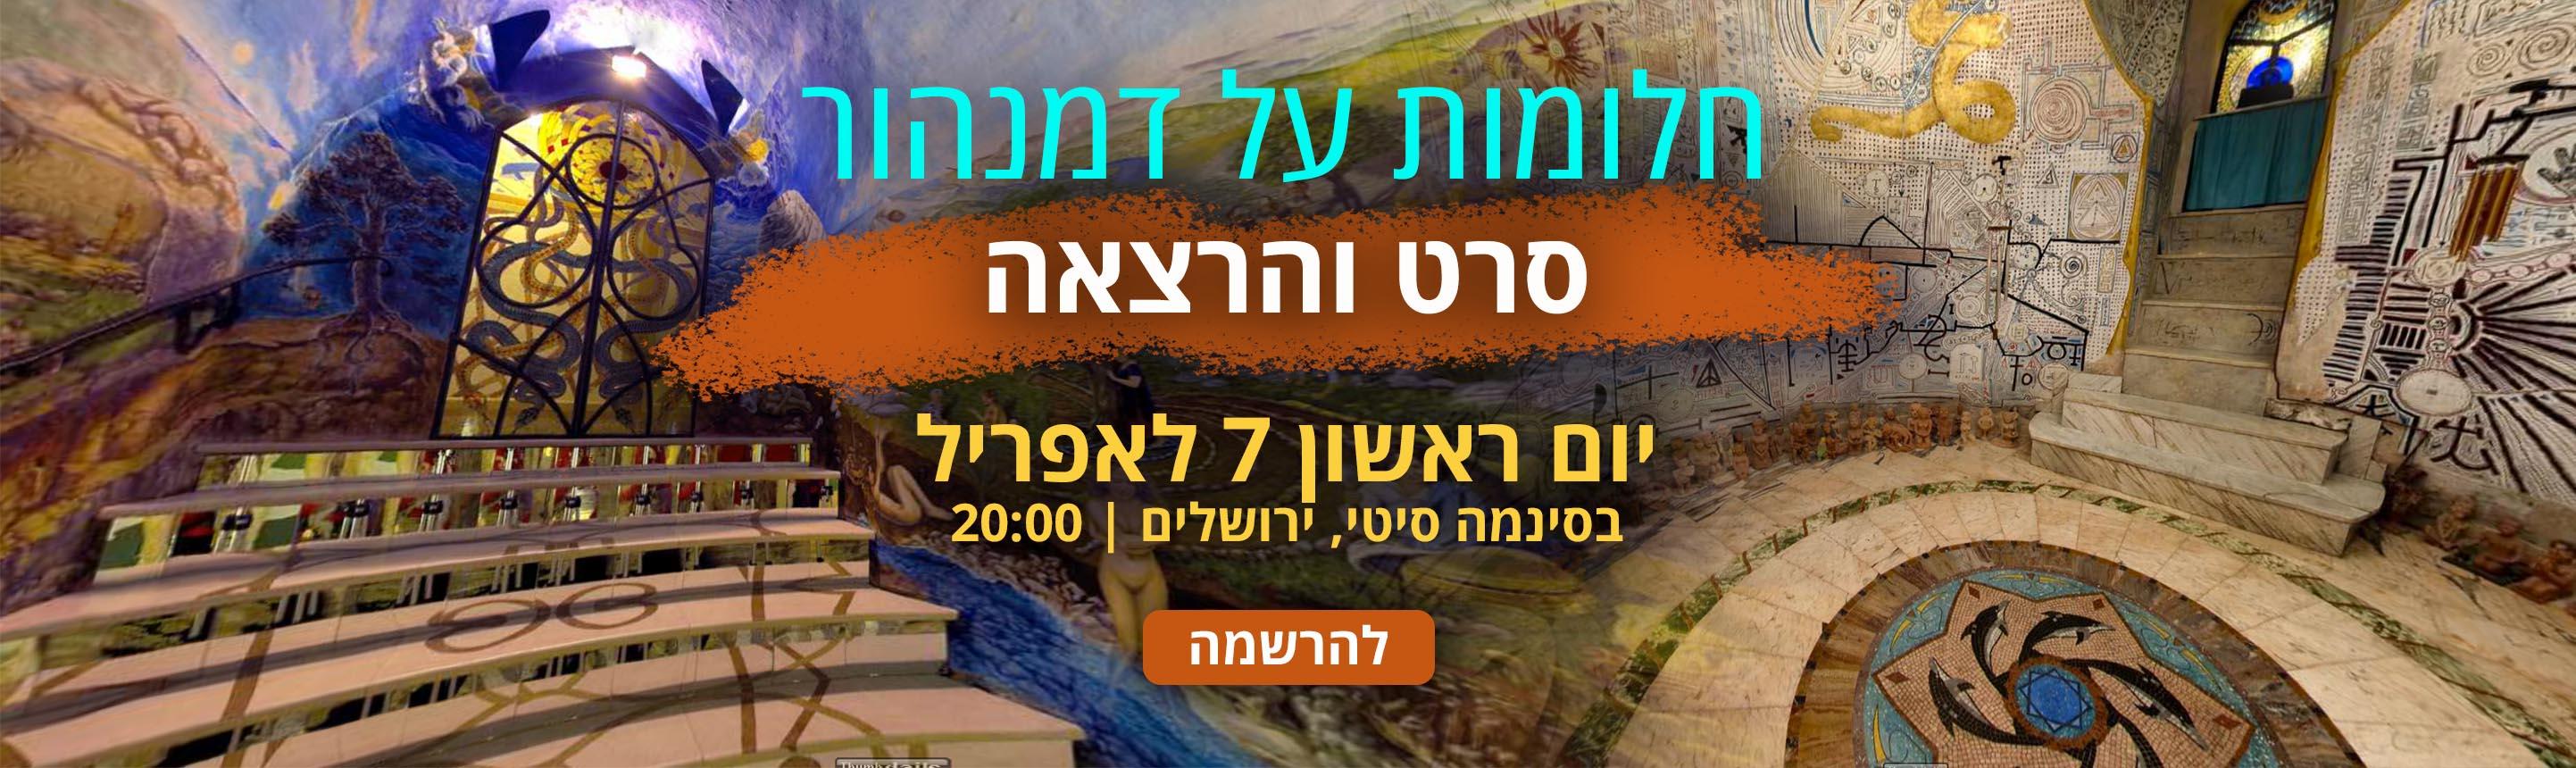 חלומות על דמנהור סרט והרצאה- יום ראשון 7 לאפריל סינמה סיטי ירושלים מ 20:00